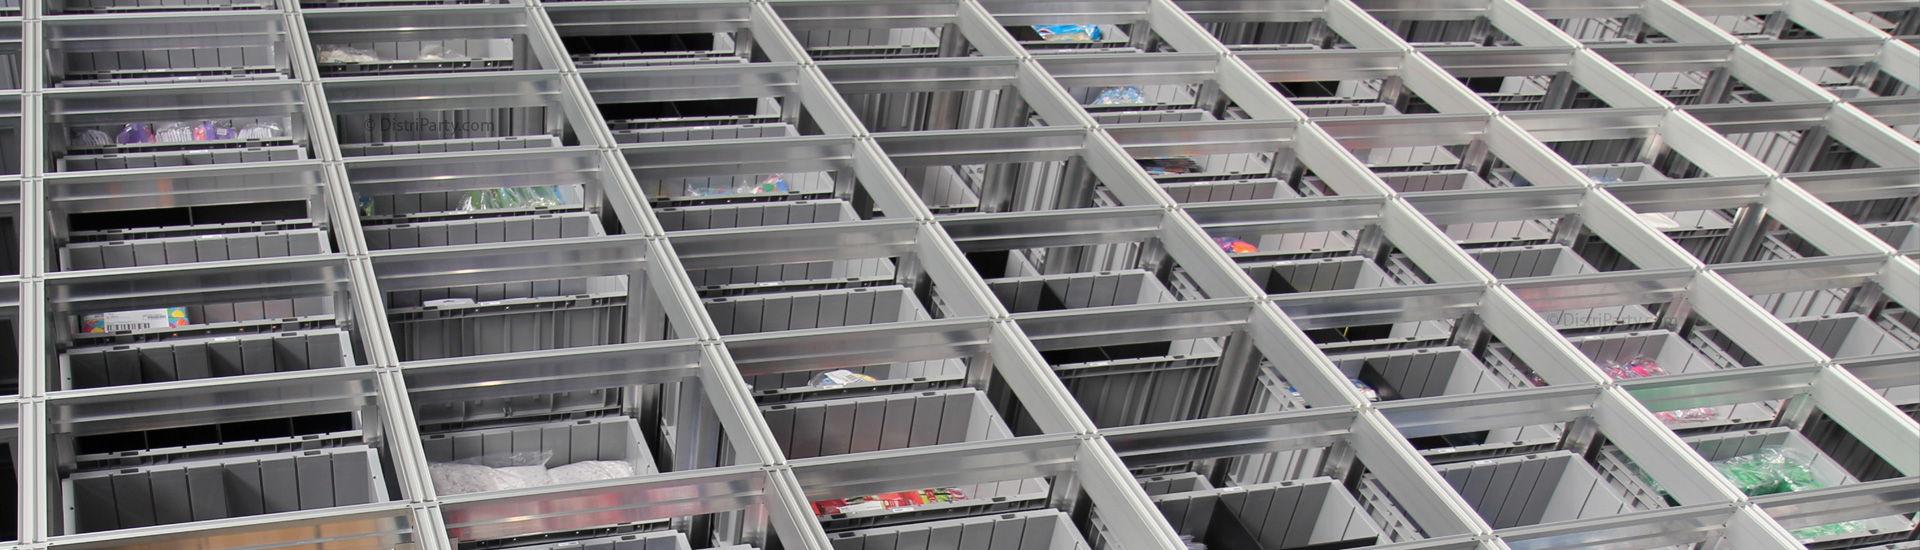 ST01-DistriParty-Storageinner